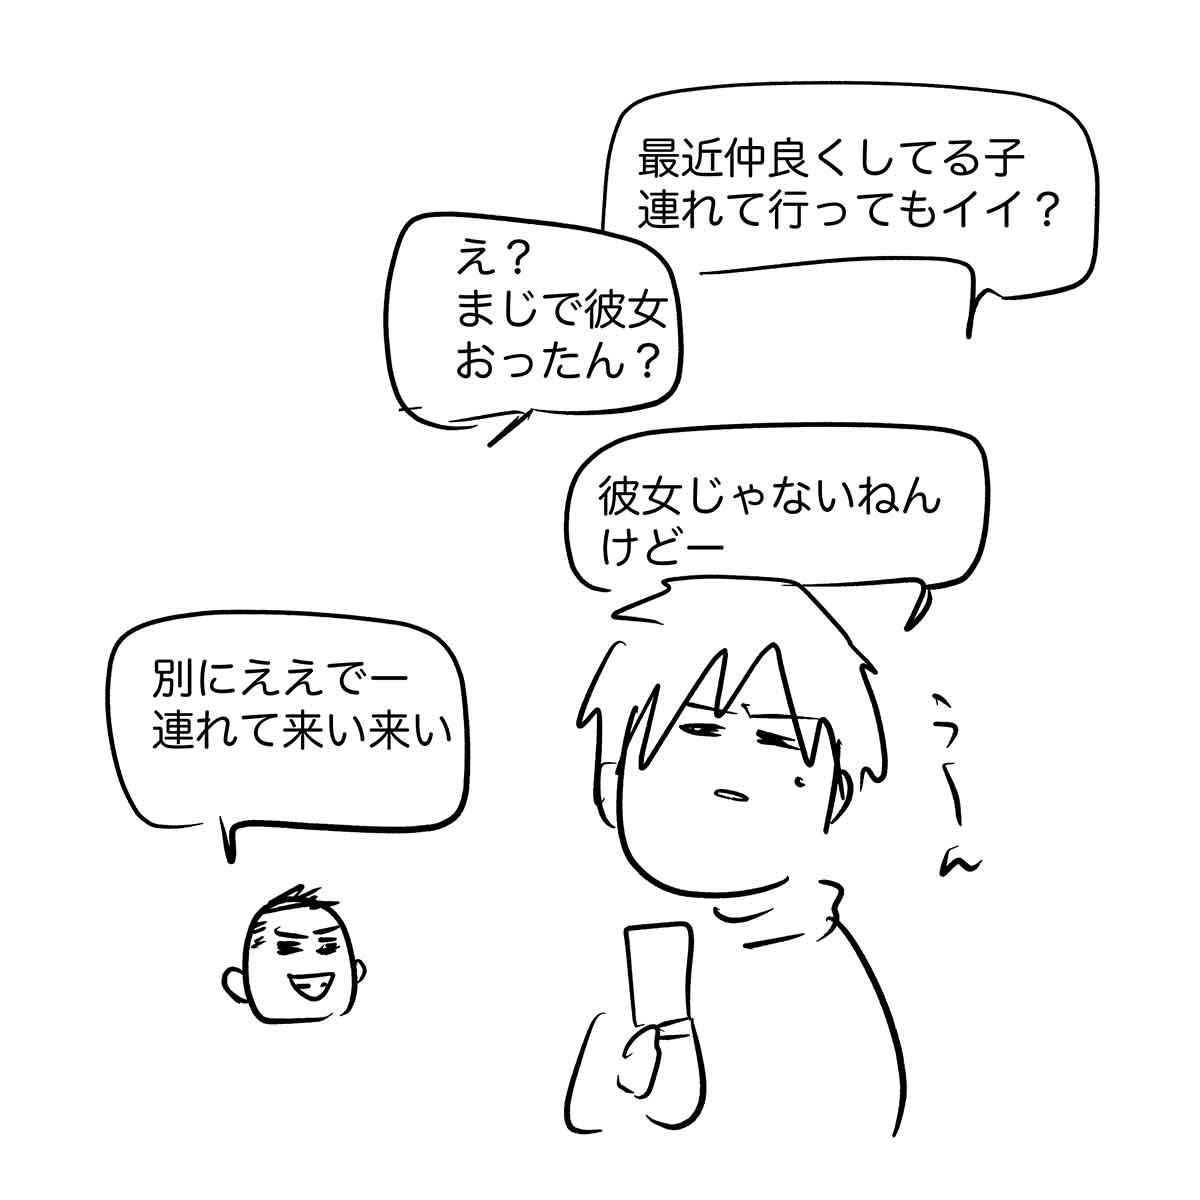 え978vb